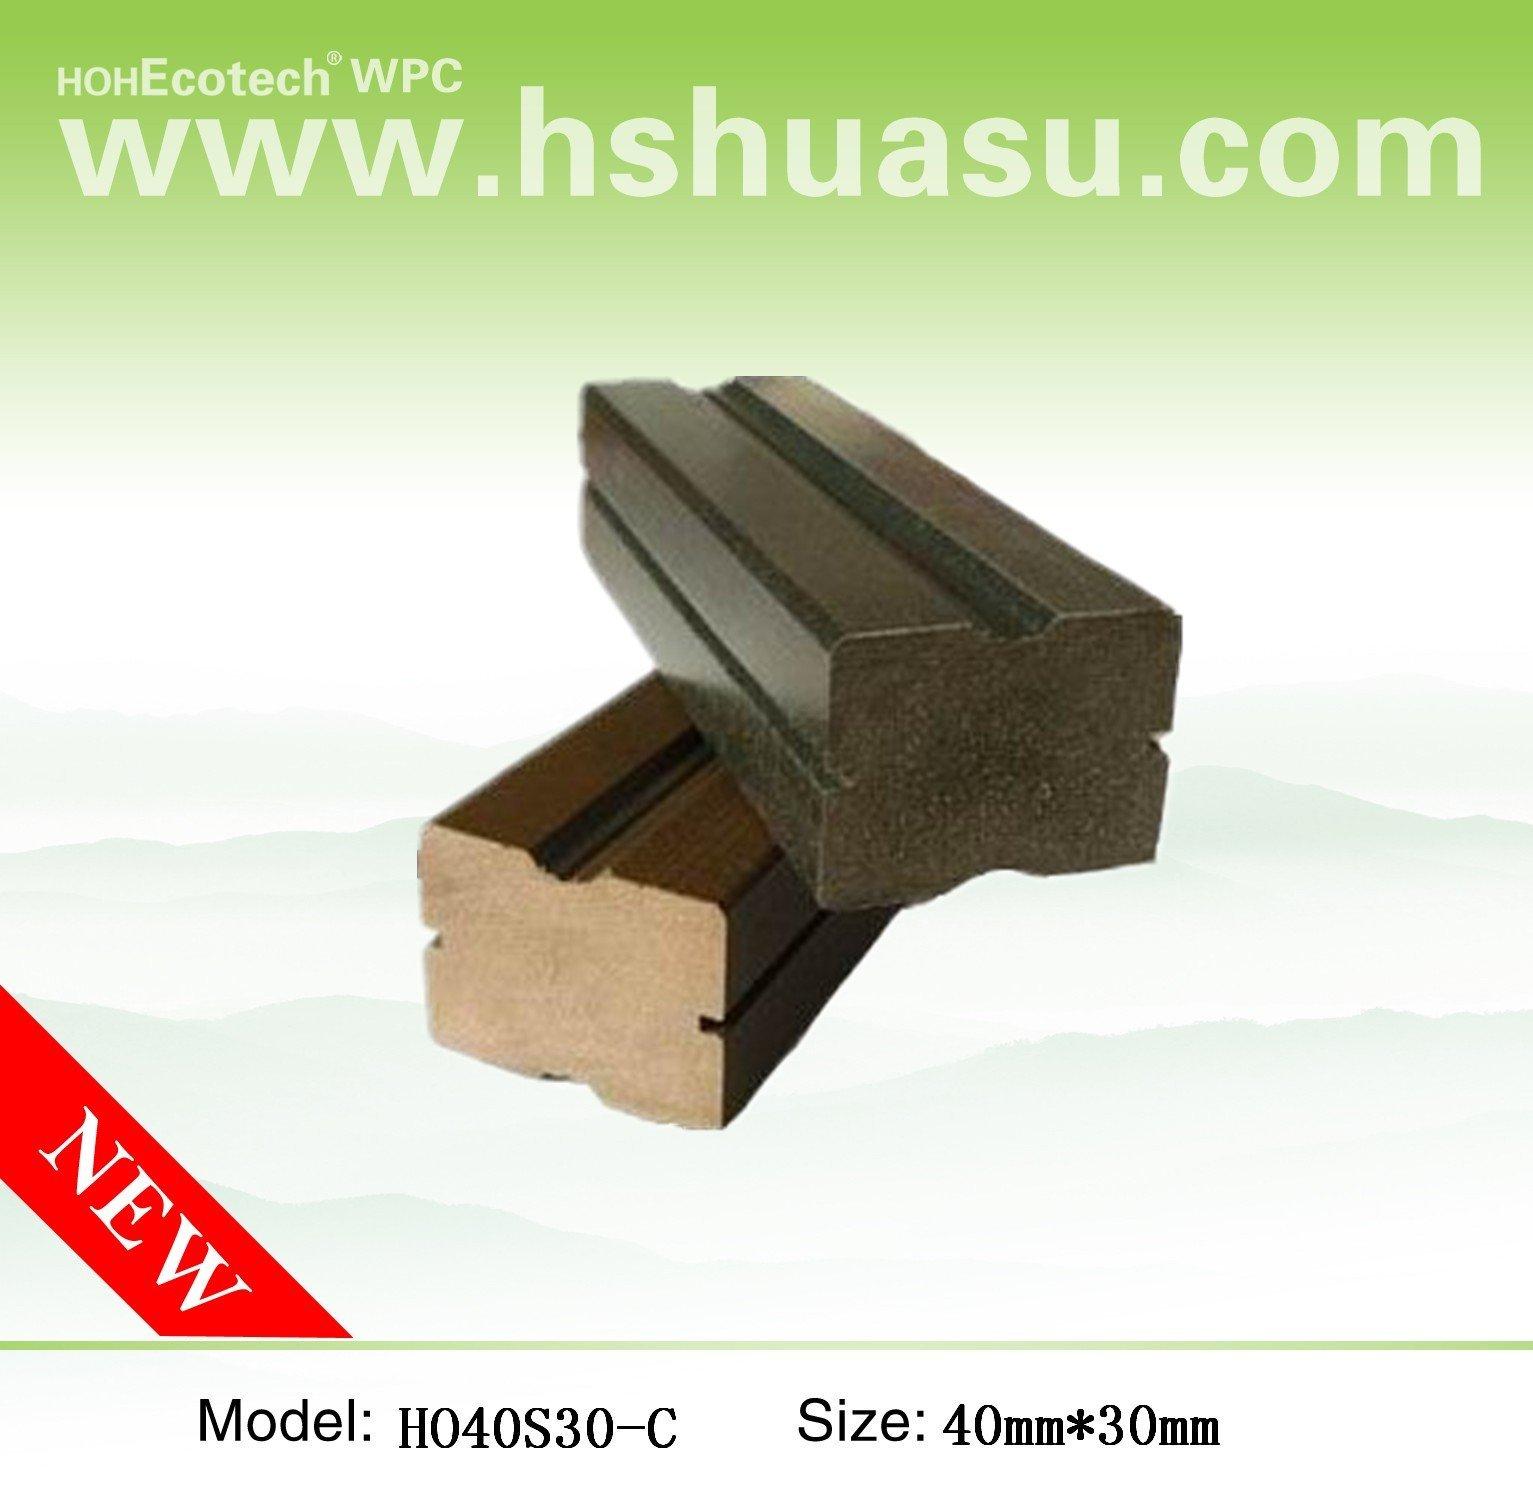 HD40S30-Cの固体joist_